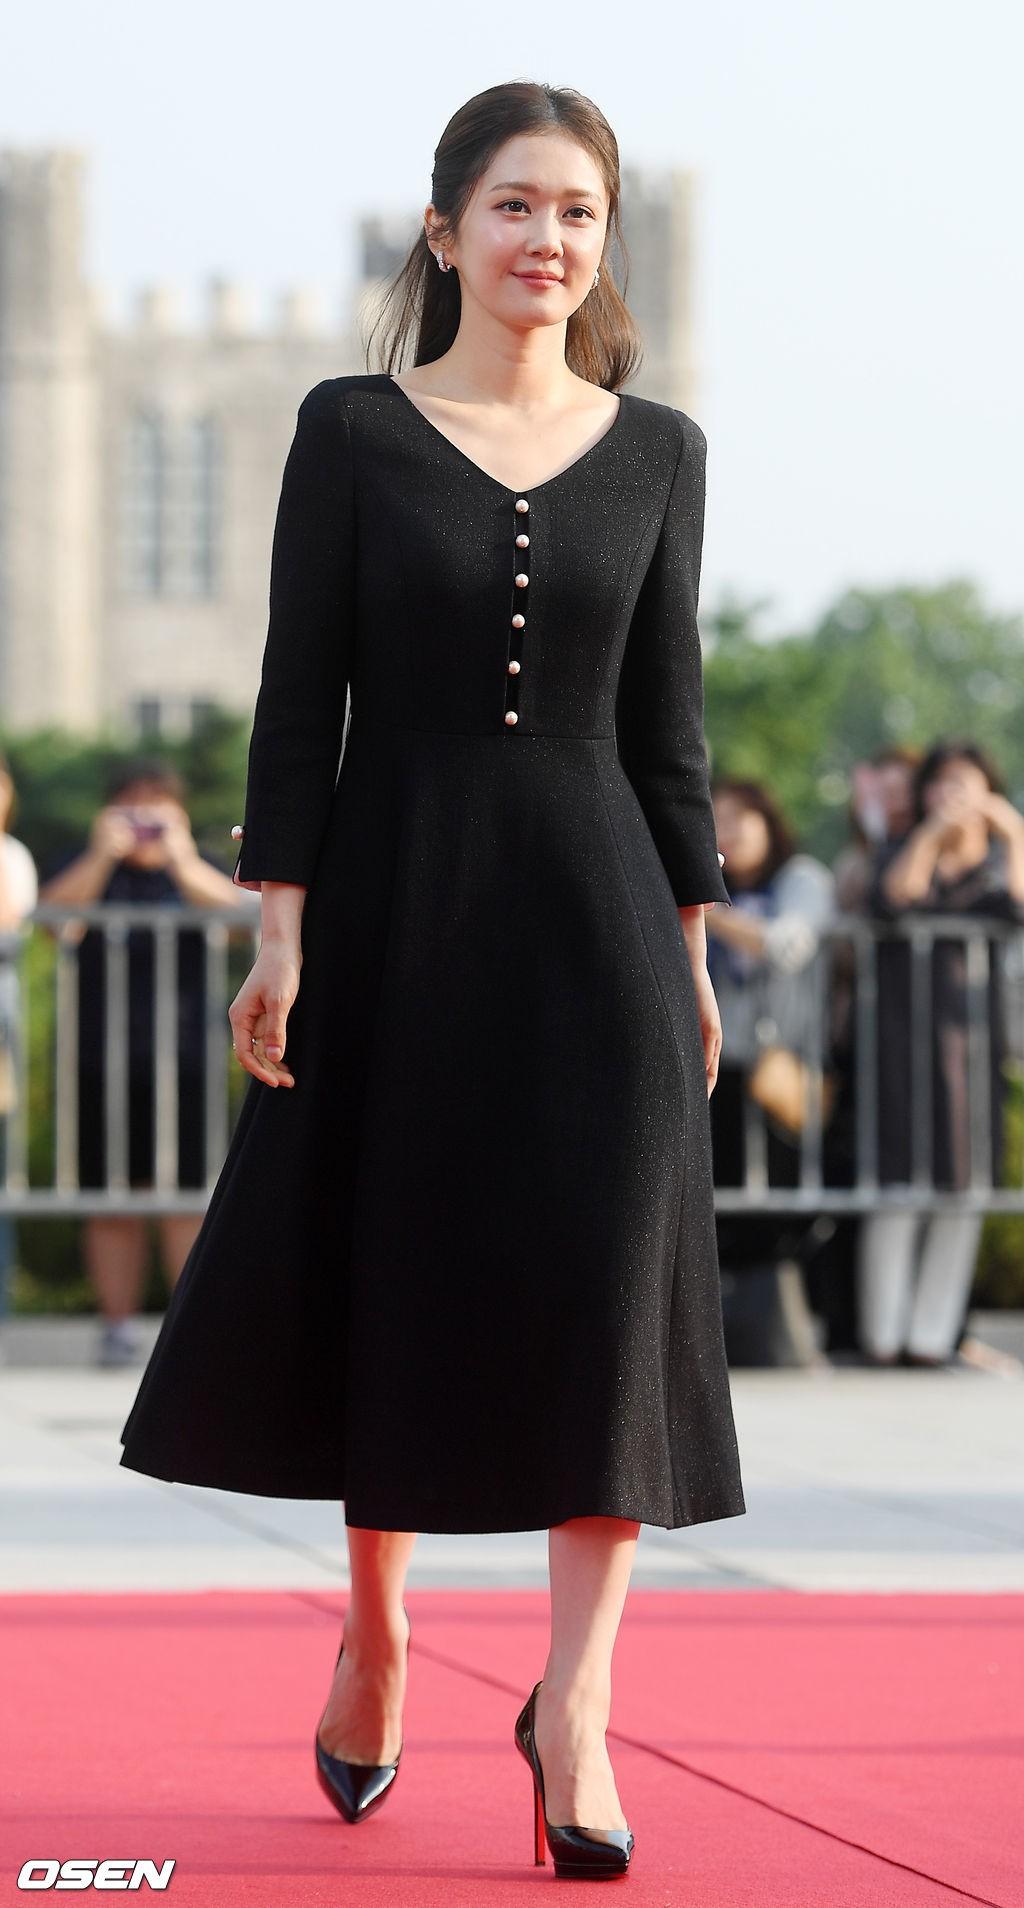 VZN News: Thảm đỏ Seoul Drama Awards: Trương Ngọc Ánh - Anh Dũng tự tin, Ji Chang Wook quá bảnh, Jang Nara bị dàn mỹ nhân lấn át - Ảnh 4.